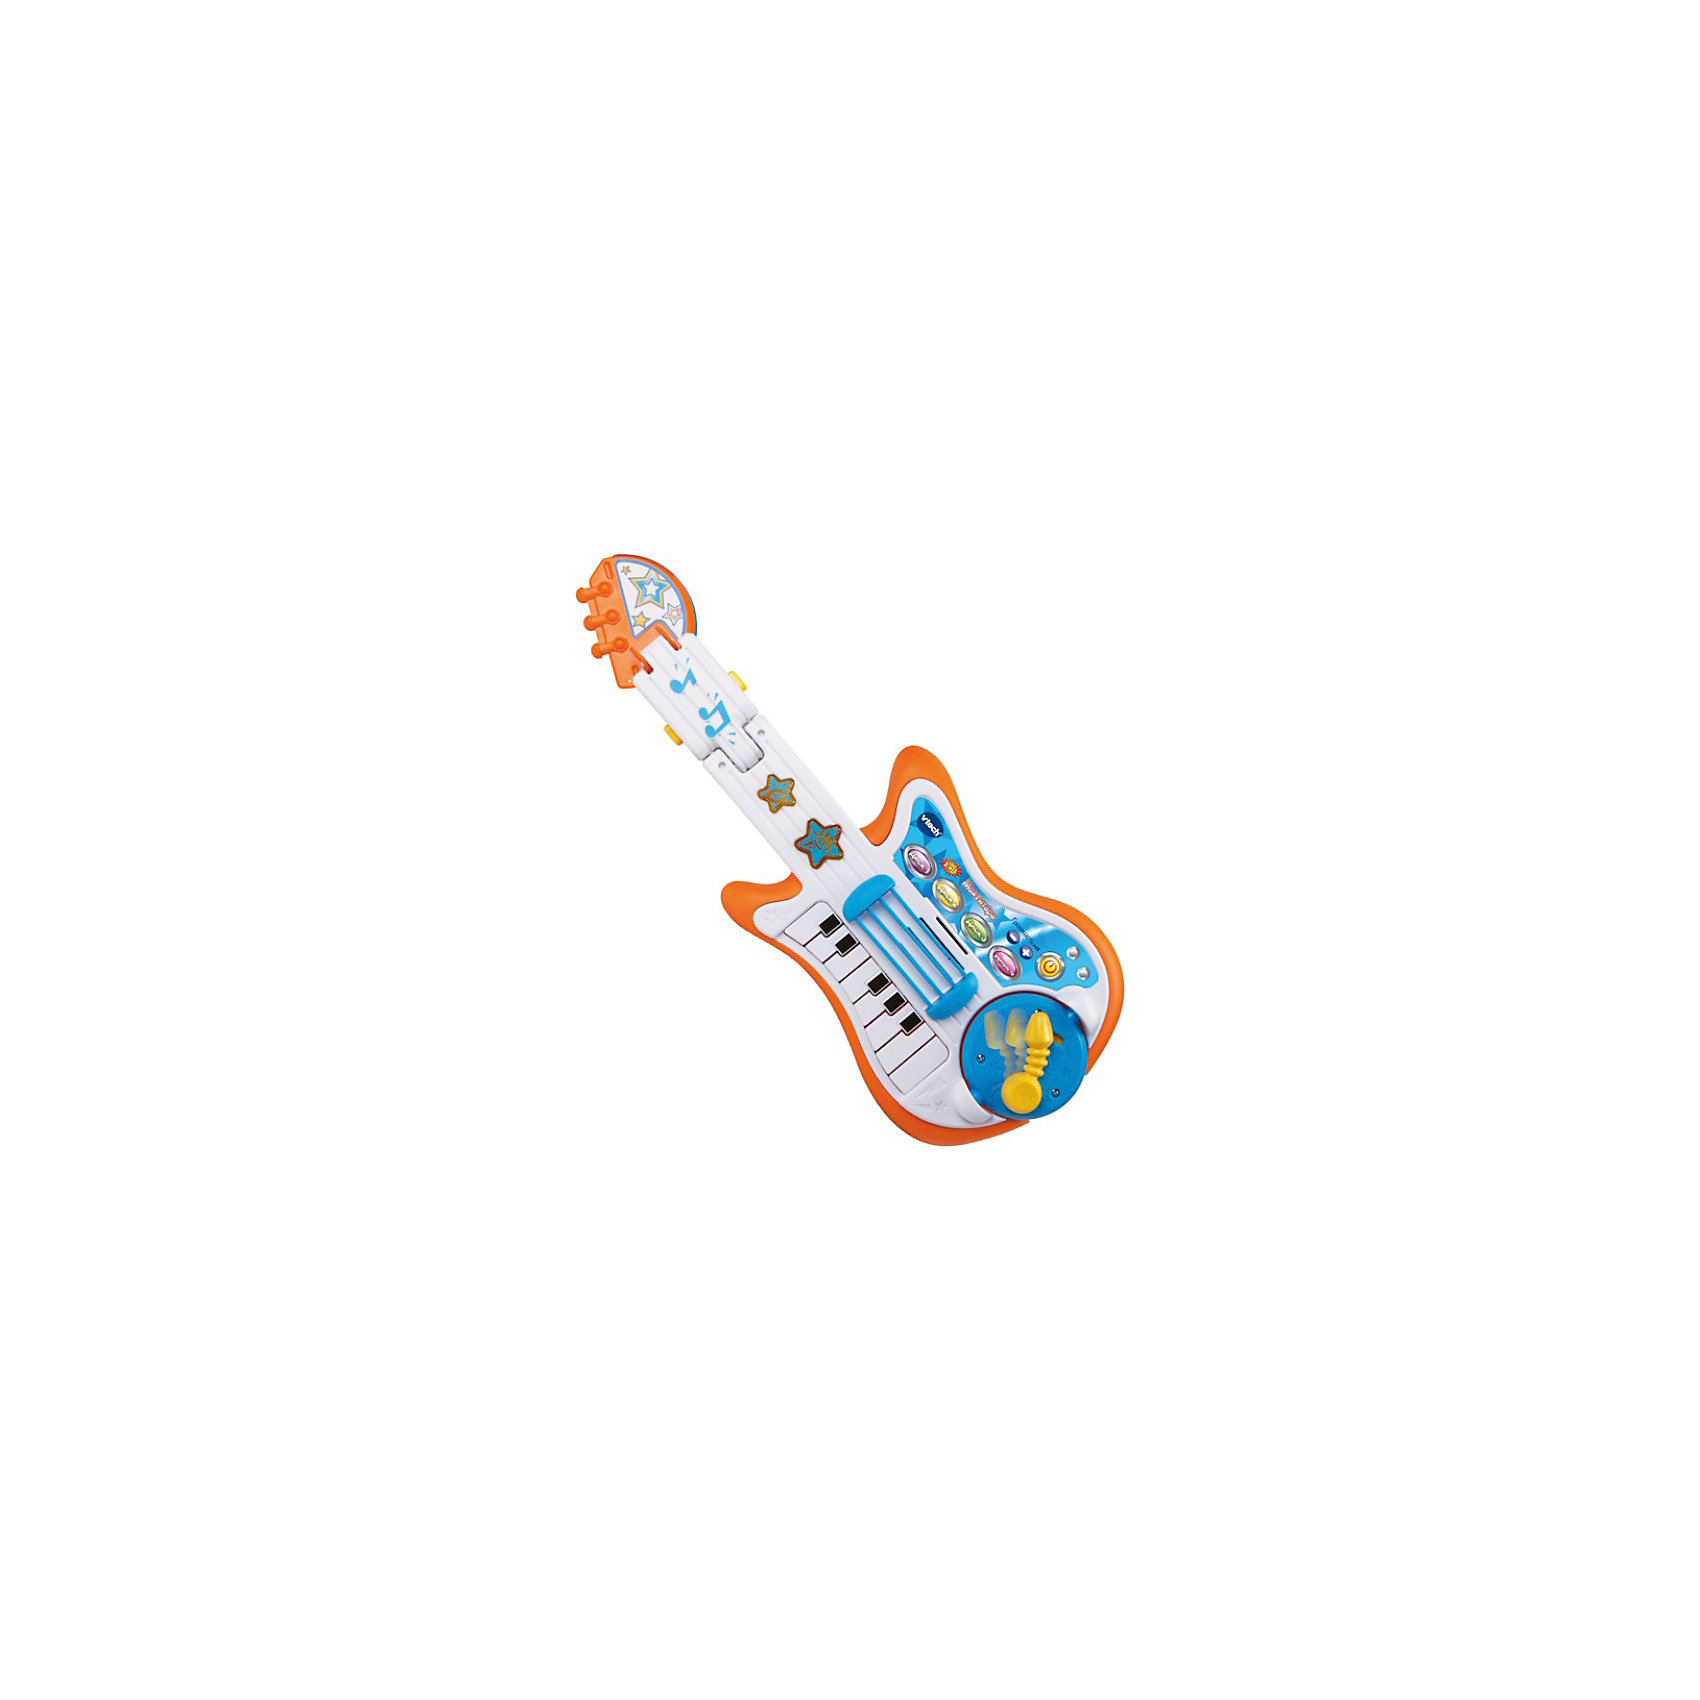 Развивающая игрушка Моя гитара, VtechДетские музыкальные инструменты<br>Развивающая игрушка Моя гитара, Vtech (Втеч).<br><br>Характеристики:<br><br>• Для детей от 3 до 6 лет<br>• Материал: пластик<br>• 13 песен и мелодий из мультфильмов<br>• Батарейки: 3 типа АА (в комплекте демонстрационные)<br>• Упаковка: красочная подарочная коробка<br>• Размер упаковки: 56х28х8 см.<br><br>Развивающая игрушка Моя гитара от французской компании Vtech – замечательная музыкальная игрушка 3 в 1 для юных меломанов. Игрушка совмещает в себе сразу 3 музыкальных инструмента: гитару, пианино, барабан с тарелкой. Ваш ребенок сможет фантазировать целыми днями с этим удивительным музыкальным инструментом. Малыш может наигрывать в такт песням из знаменитых мультфильмов или же придумать свою собственную мелодию. <br><br>Переключаясь с гитары на барабан, пианино или тарелку, ребенок сможет самостоятельно создать настоящее музыкальное произведение. Удобный ремень, расположенный на гитаре, позволит играть стоя и пританцовывать. Световые эффекты, кнопка аплодисментов и эффекты тремоло помогут малышу создать настоящий домашний концерт с овациями. На игрушке есть кнопка включения, кнопки увеличения и уменьшения громкости, а также 4 кнопки с мелодиями. <br><br>Панель со струнами подвижная. На грифе расположены светящиеся звуковые кнопки в форме звёздочек. У гитары есть круглая вставка с гитарным рычажком, с обратной стороны которой находится барабан. Гитарный гриф можно трансформировать в барабанную тарелку. У встроенного пианино 13 клавиш. Предусмотрен таймер автоматического отключения. Игрушка изготовлена из прочного безопасного пластика. Продается в красочной коробке и идеально подходит в качестве подарка.<br><br>Развивающую игрушку Моя гитара, Vtech (Втеч) можно купить в нашем интернет-магазине.<br><br>Ширина мм: 280<br>Глубина мм: 80<br>Высота мм: 560<br>Вес г: 1280<br>Возраст от месяцев: 12<br>Возраст до месяцев: 48<br>Пол: Унисекс<br>Возраст: Детский<br>SKU: 3848613